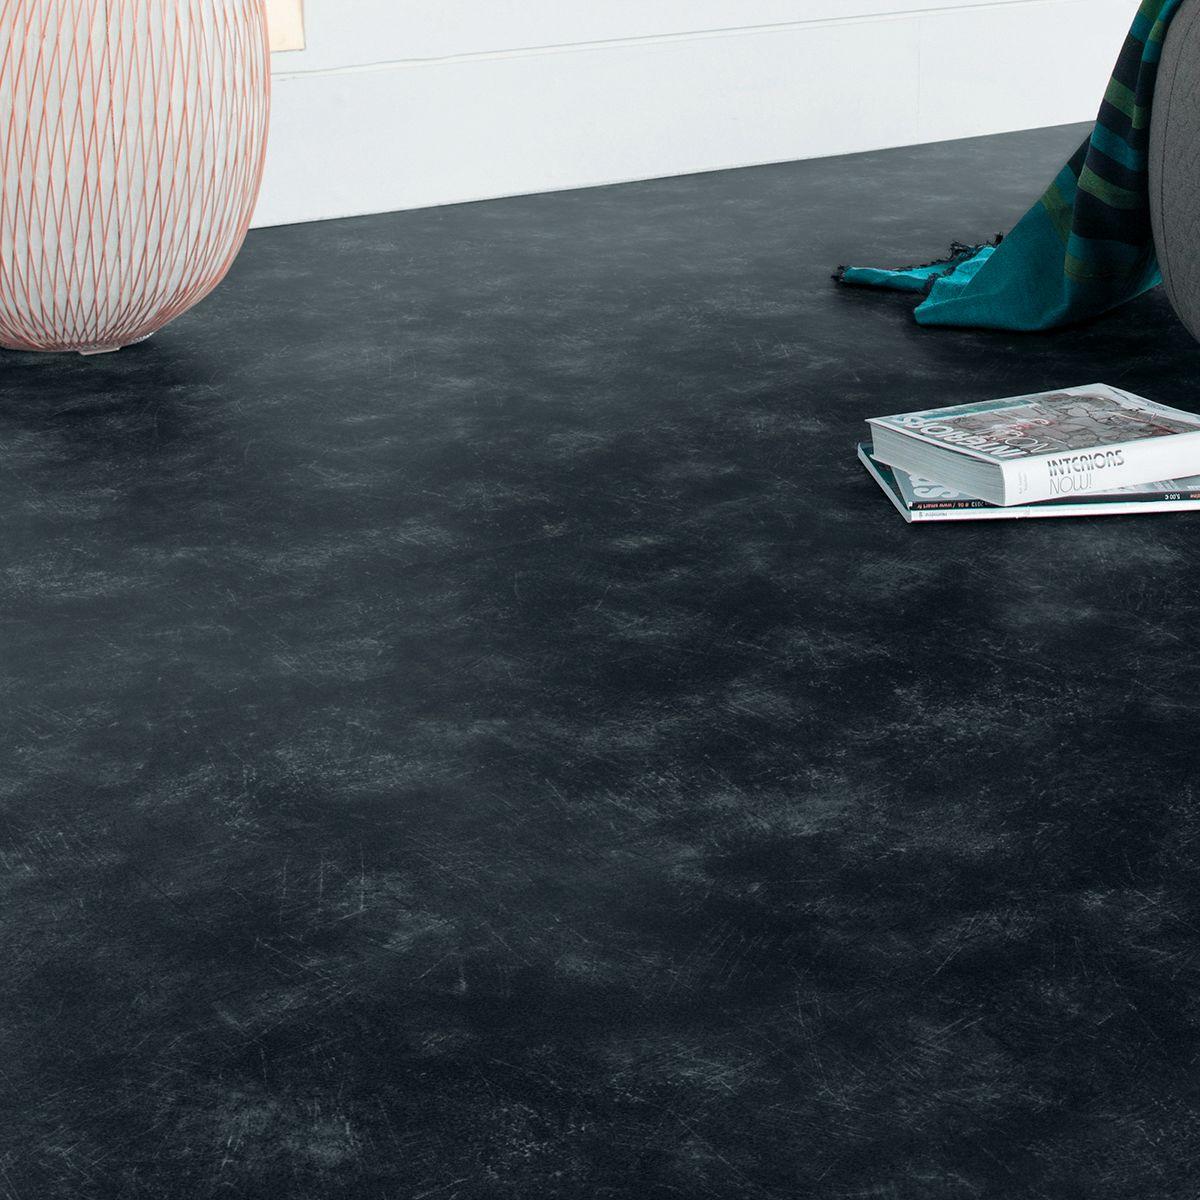 Pavimenti vinilici opinioni cool pavimenti e vinilico for Pavimento vinilico adesivo leroy merlin